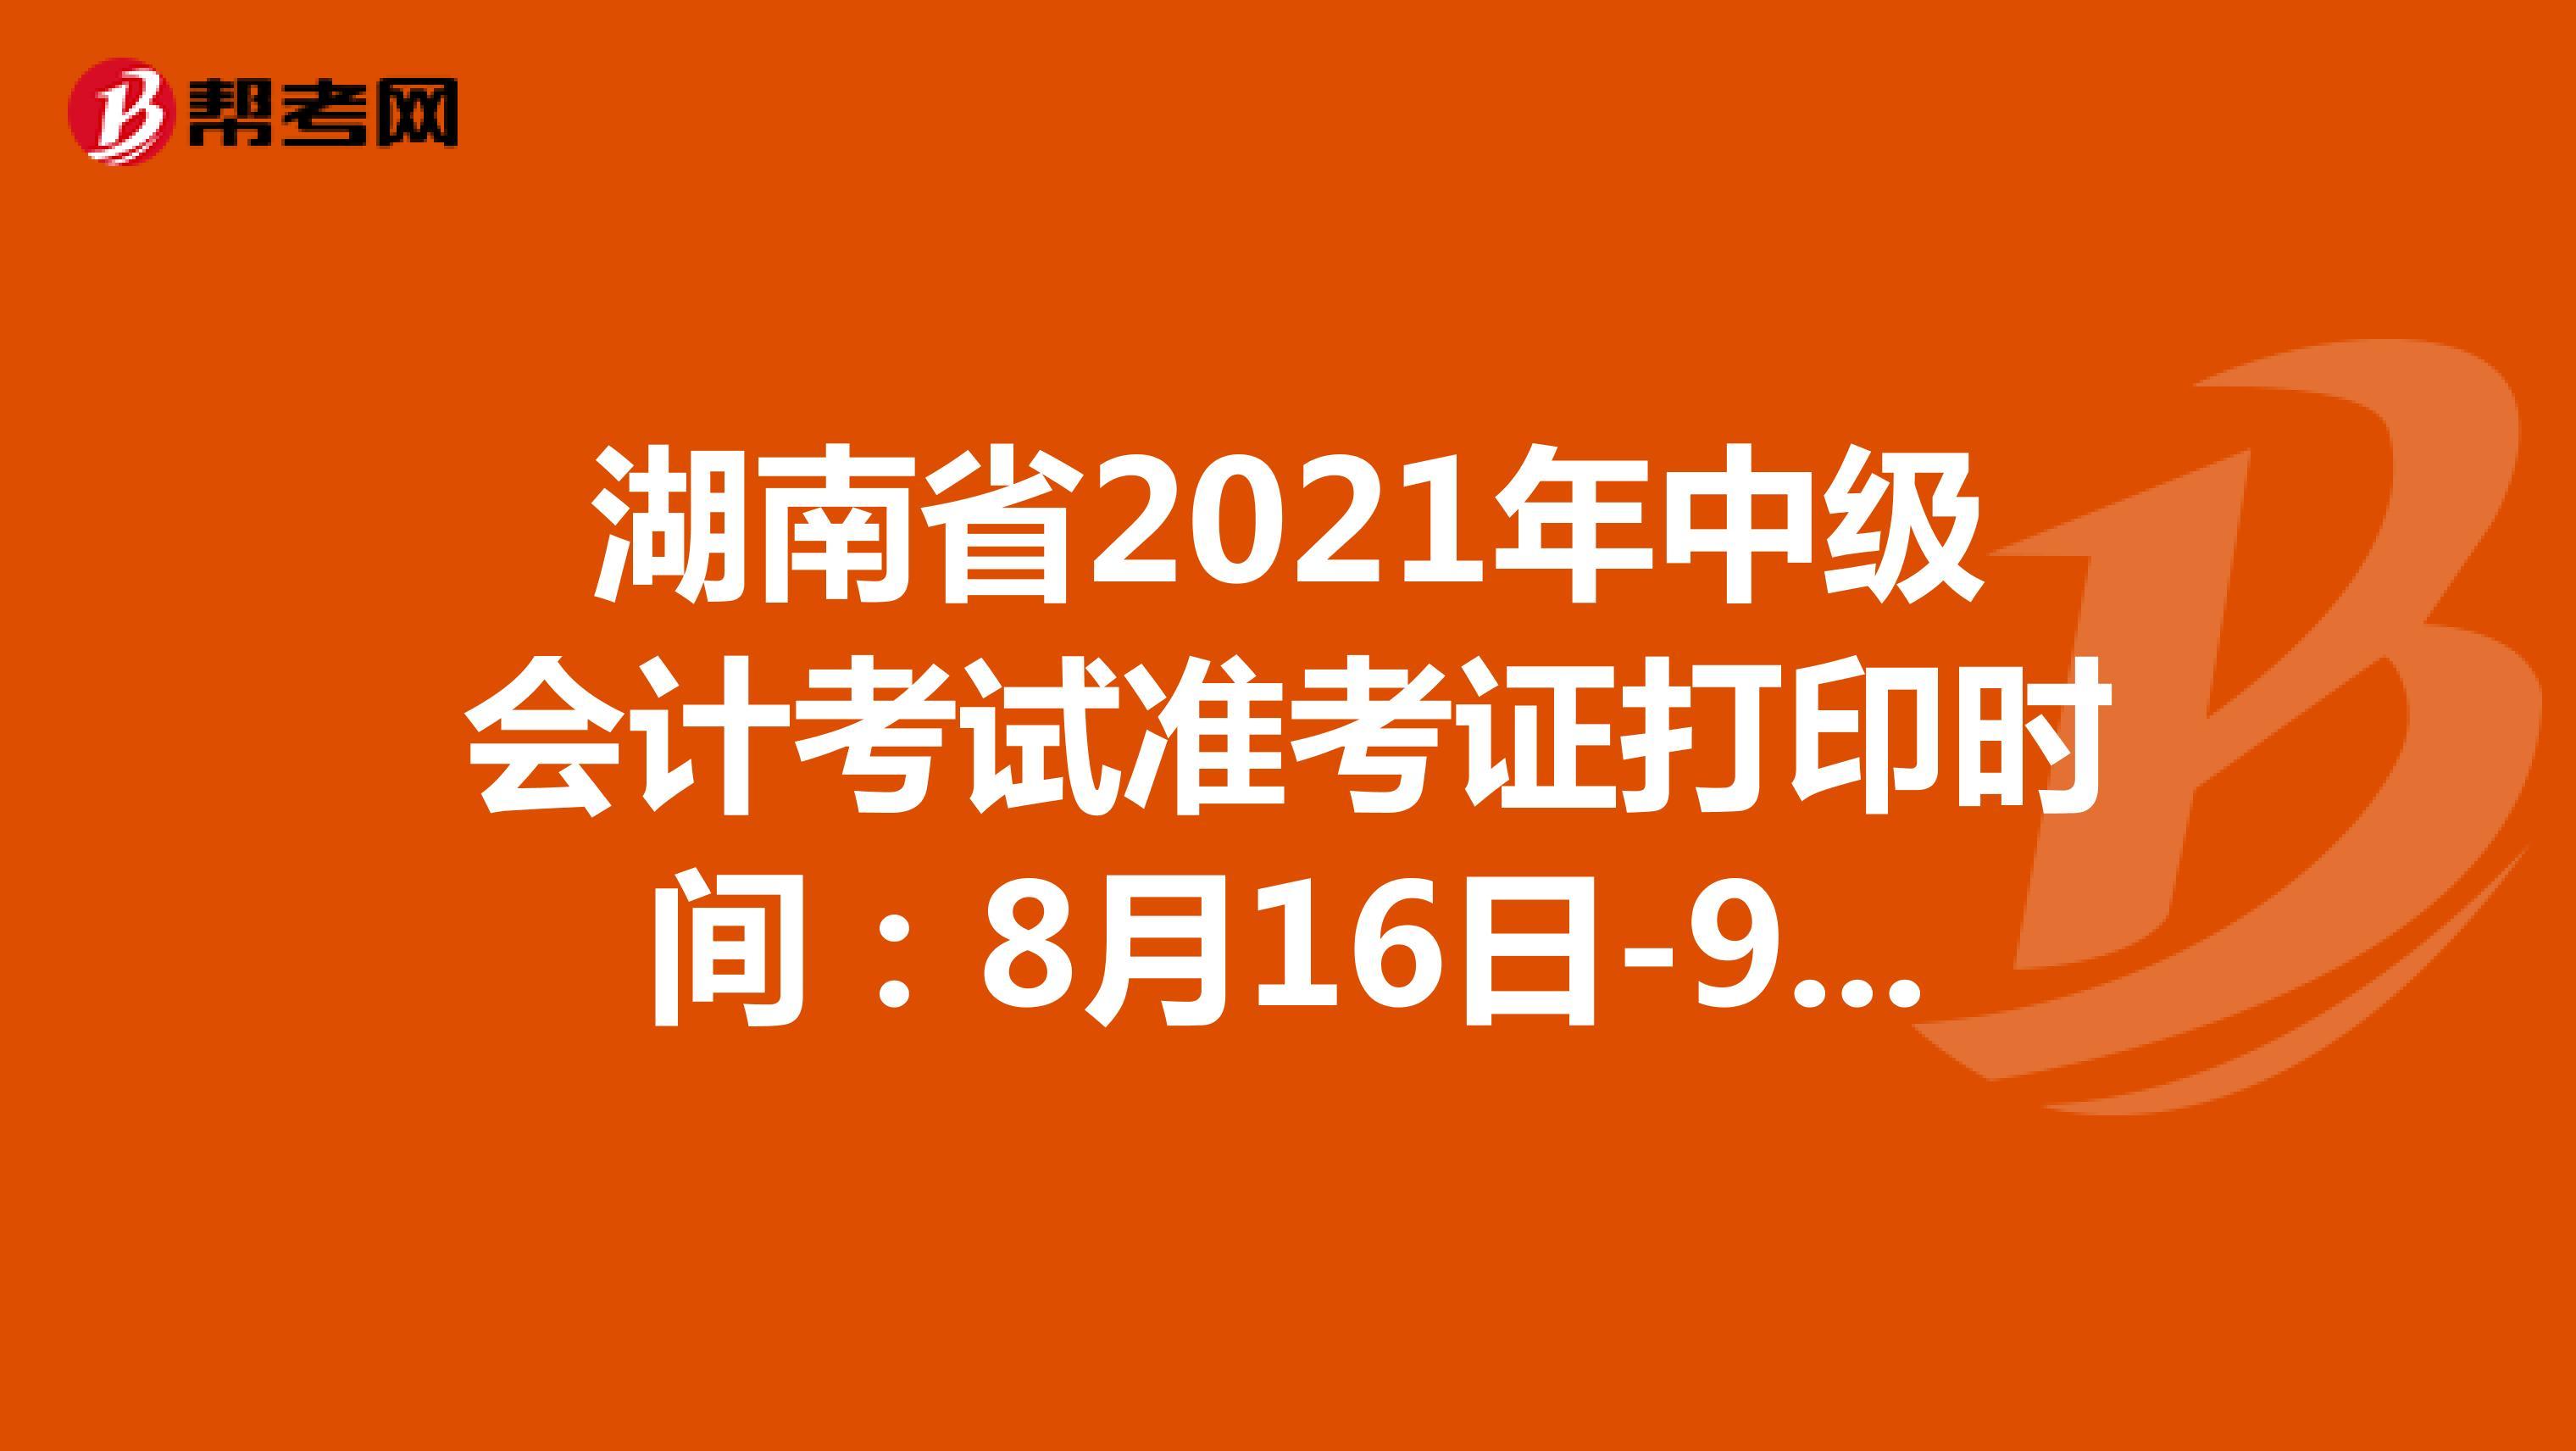 湖南省2021年中级会计考试准考证打印时间:8月16日-9月3日